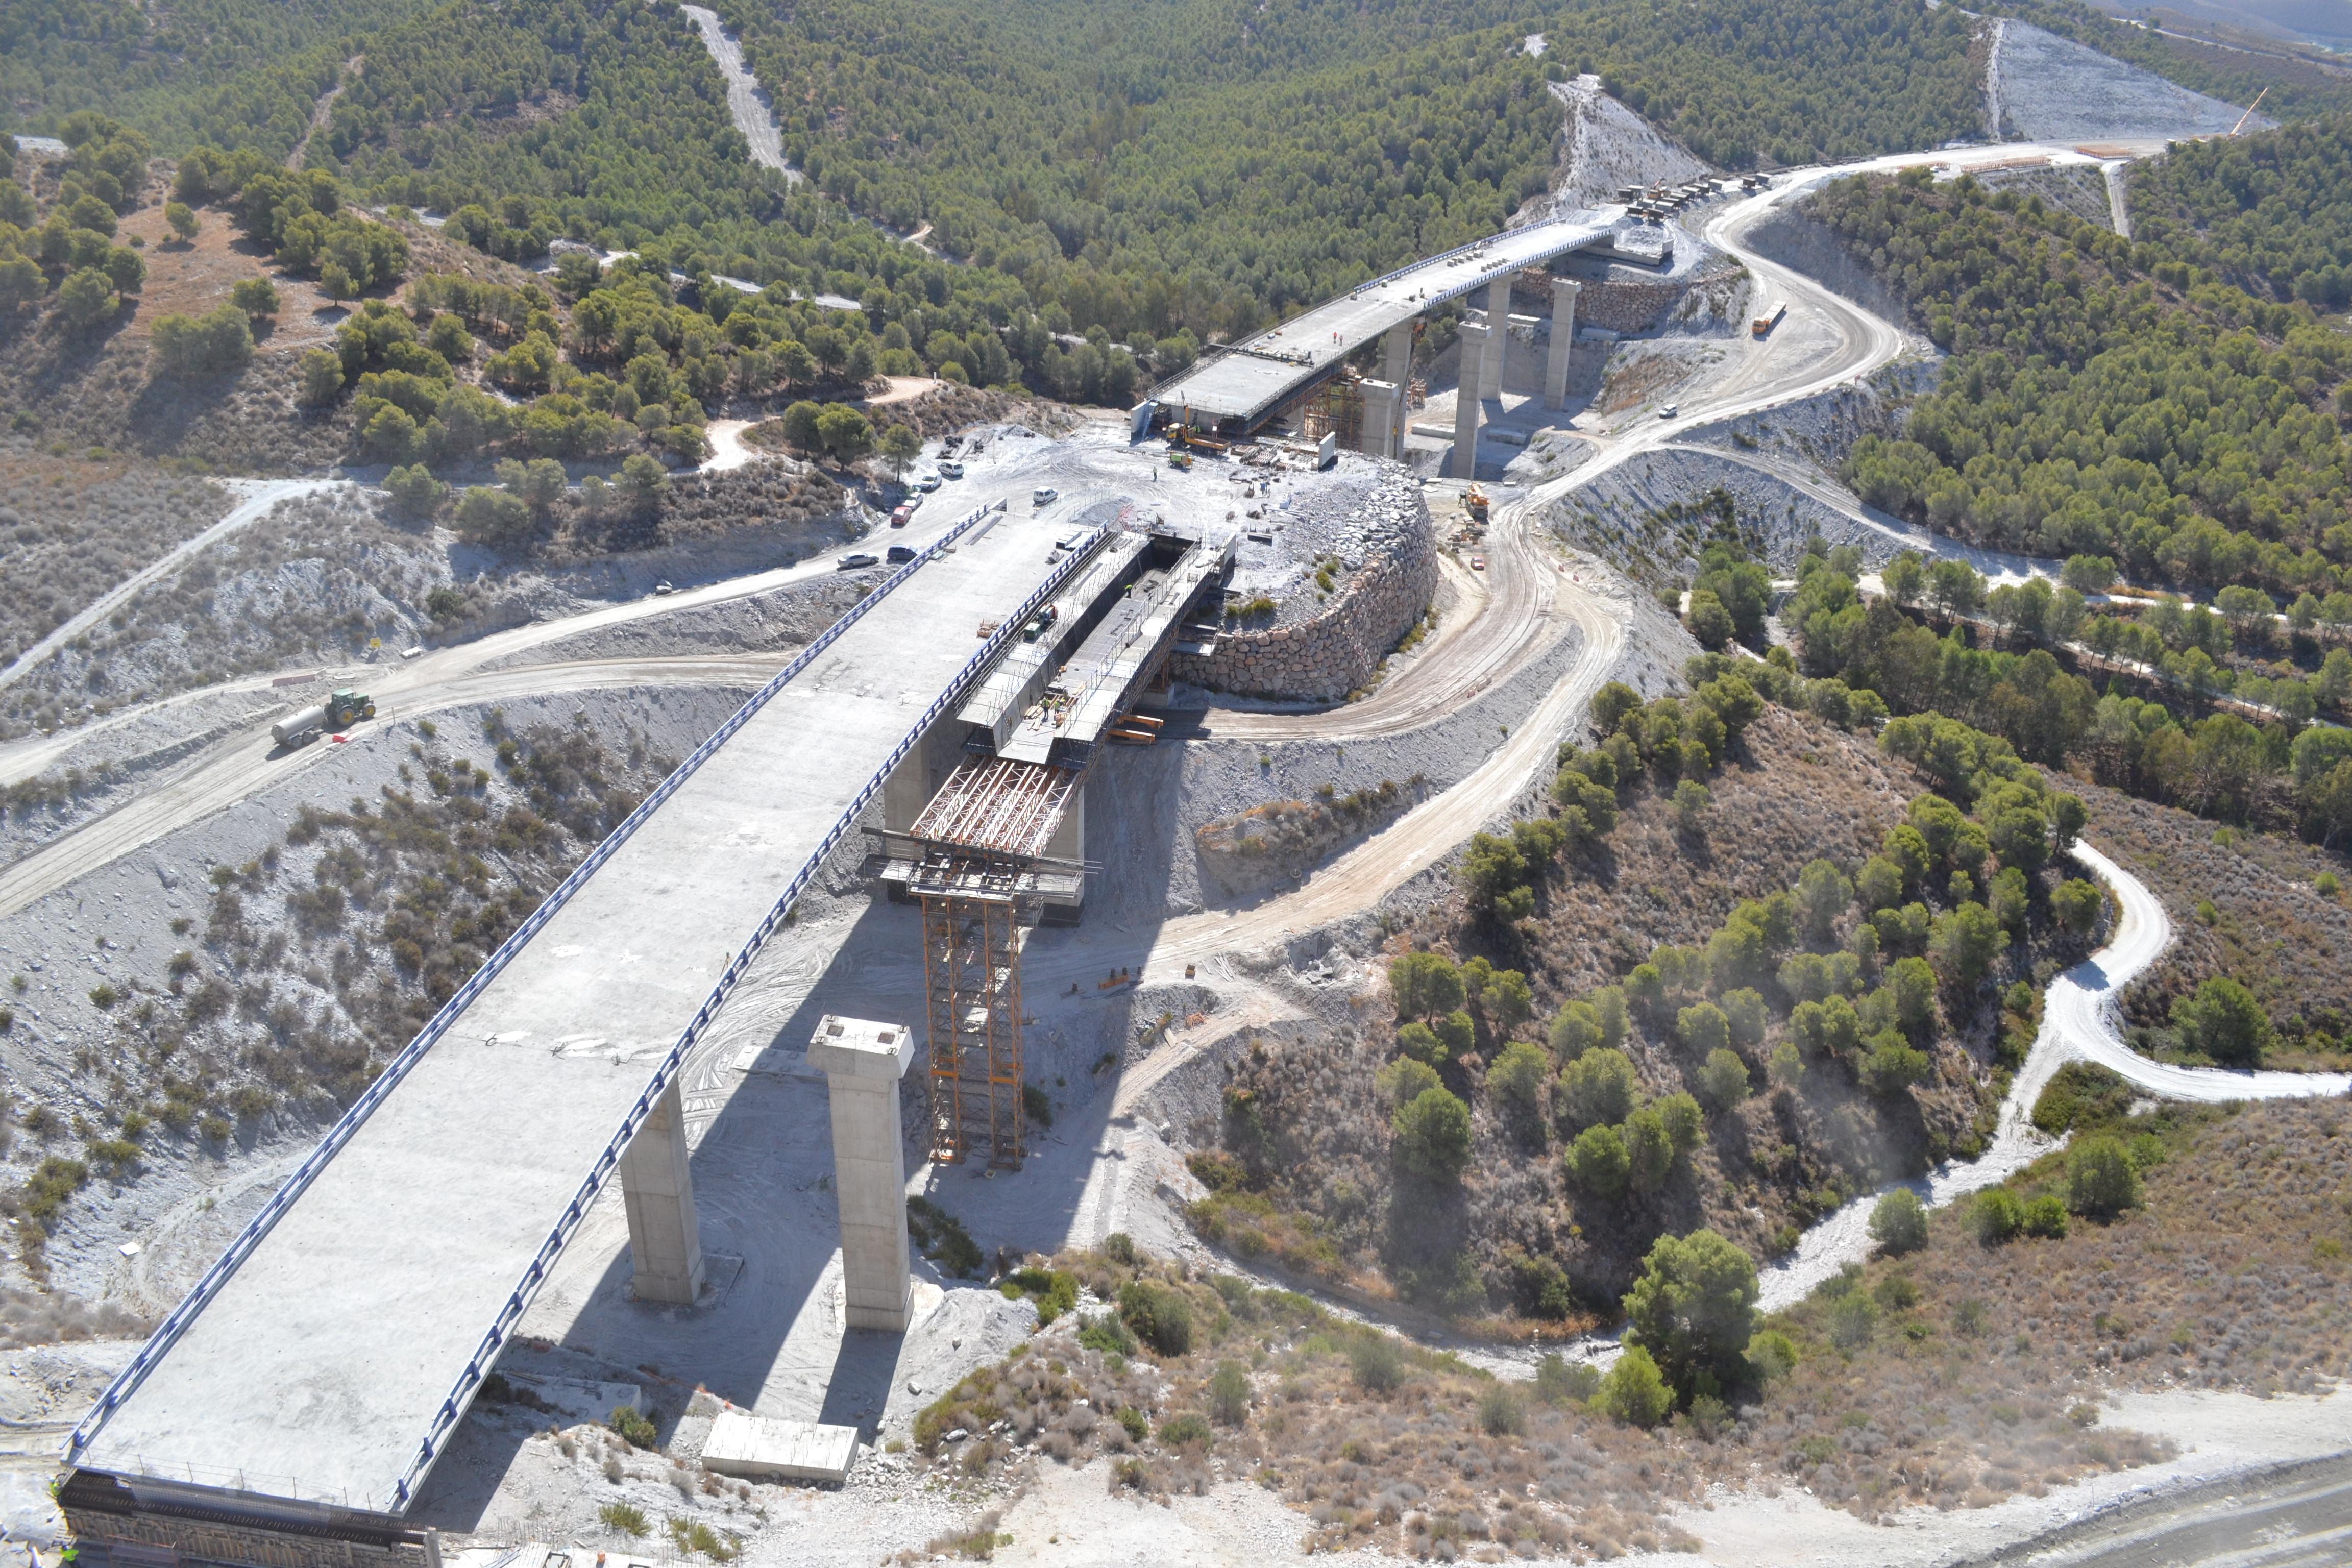 Roads in Spain